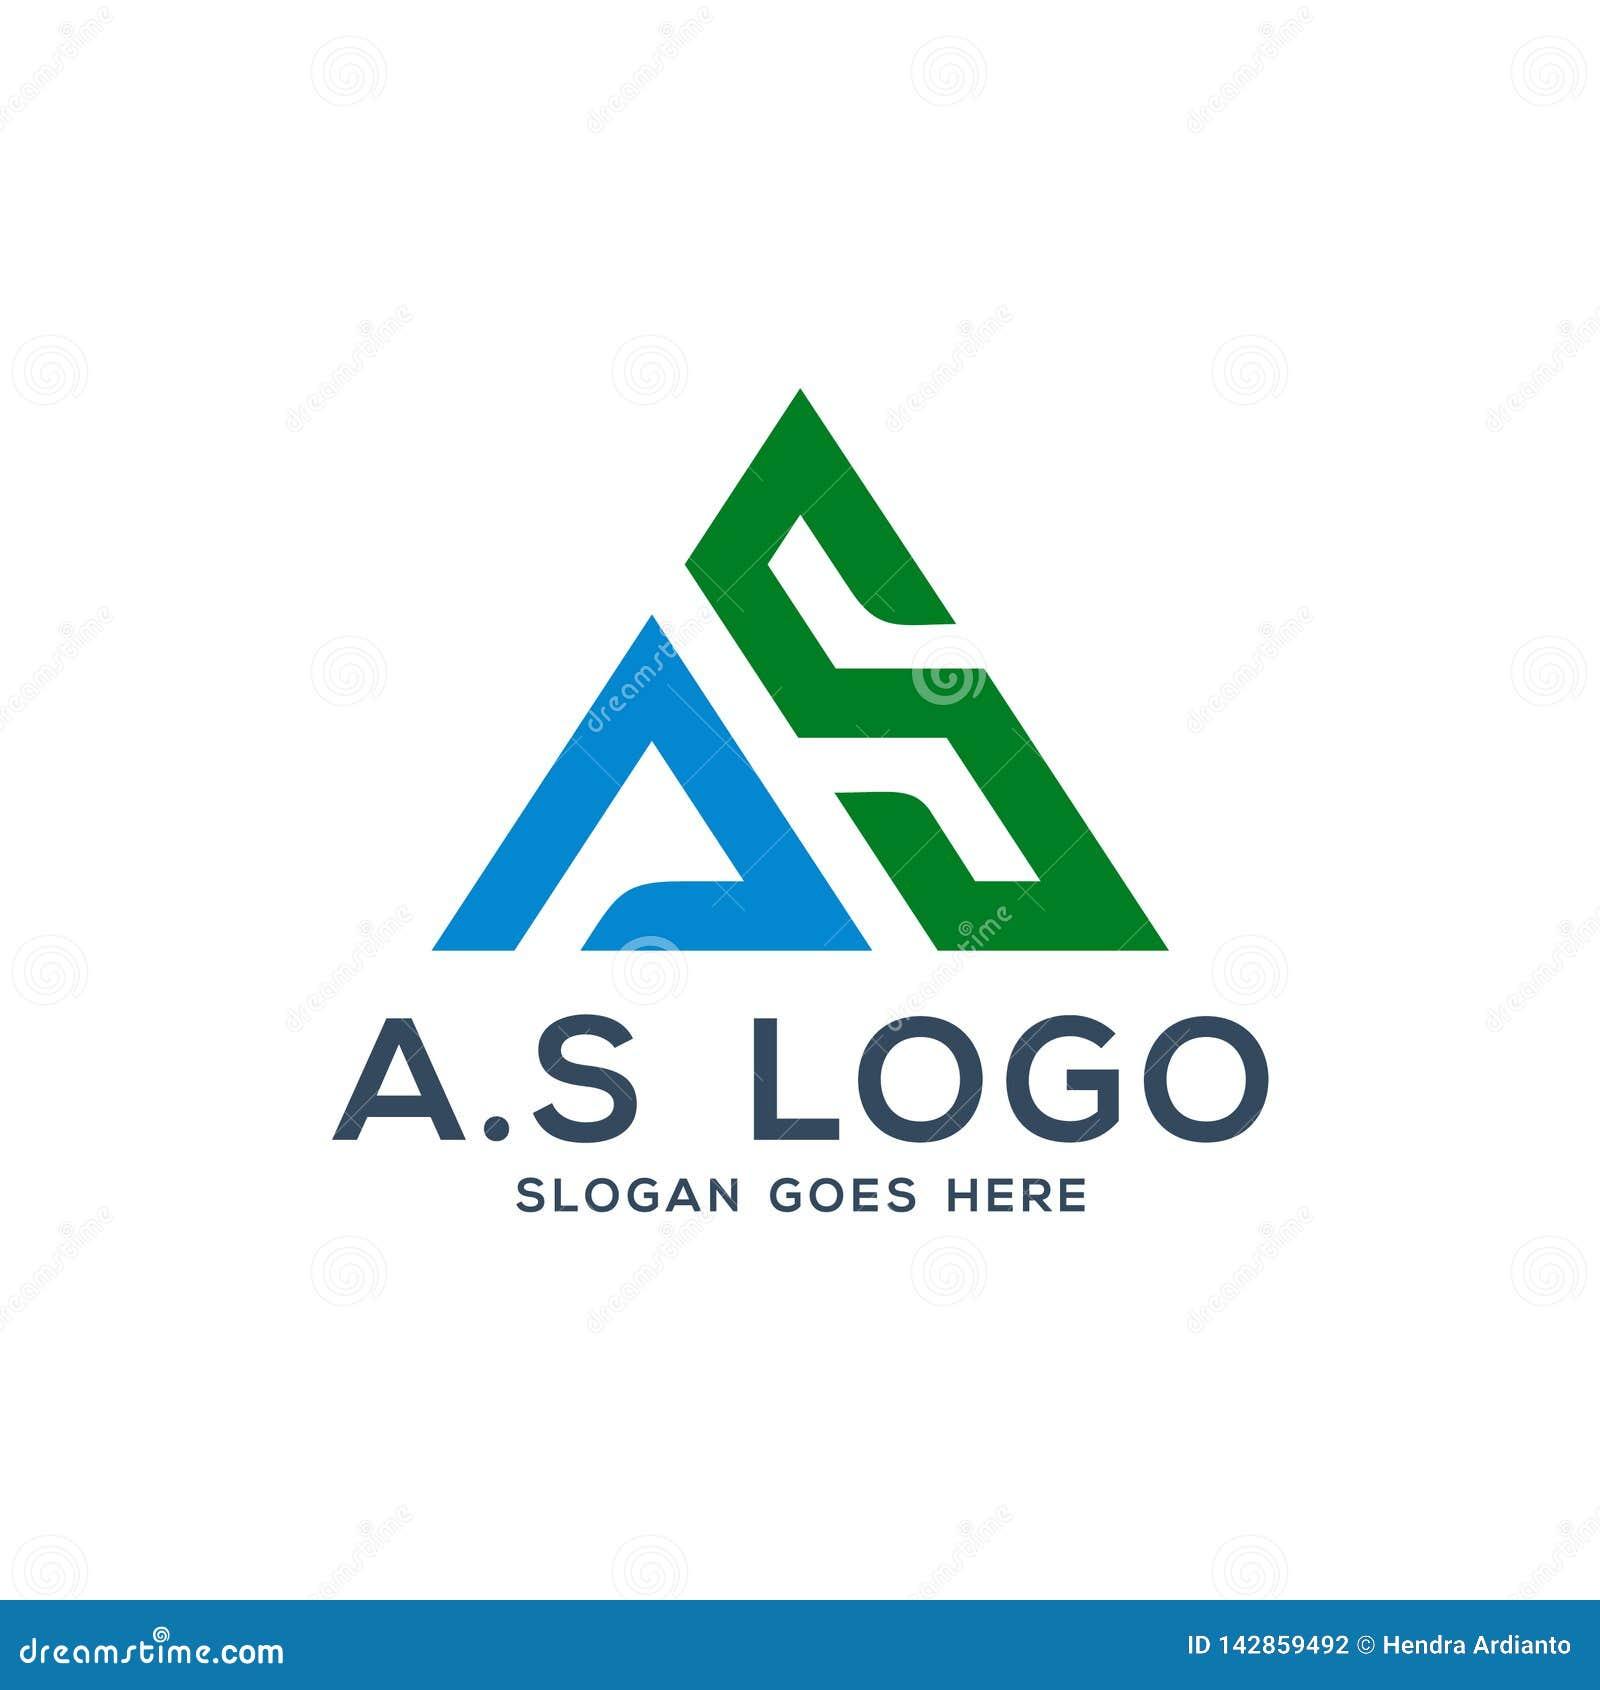 A s logo concep, inicjał Jako ilustracja